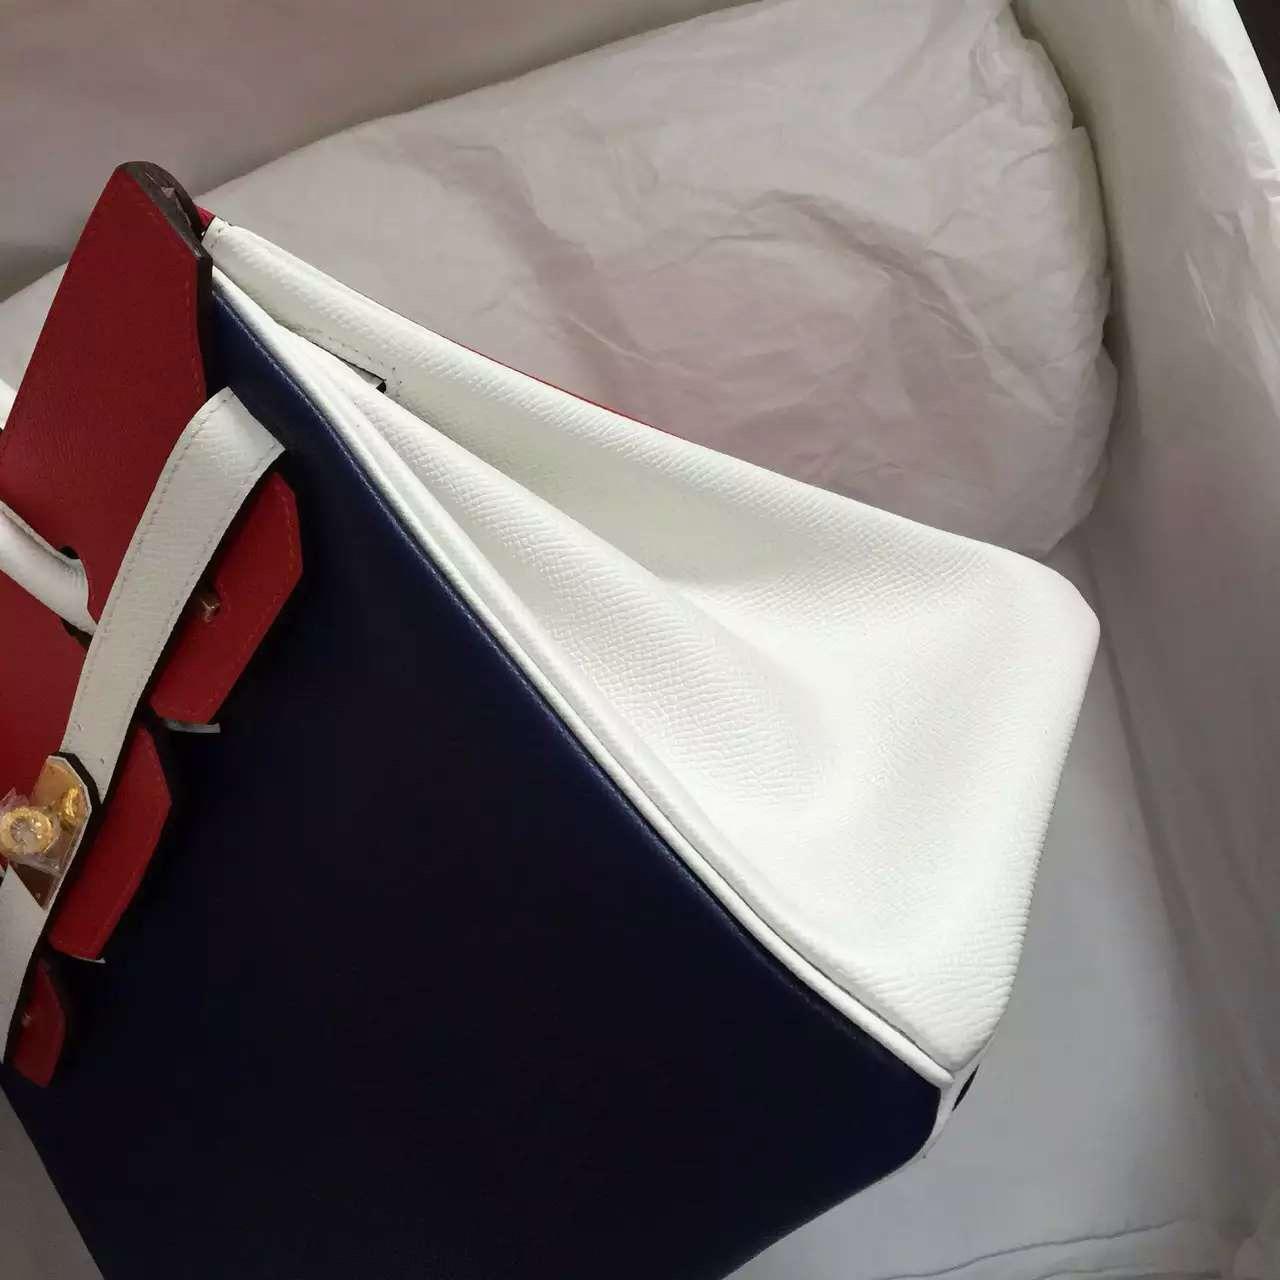 Hermes 7K Blue Saphir/Q5 Red/White Epsom Leather Birkin 30CM Gold Hardware Handbag